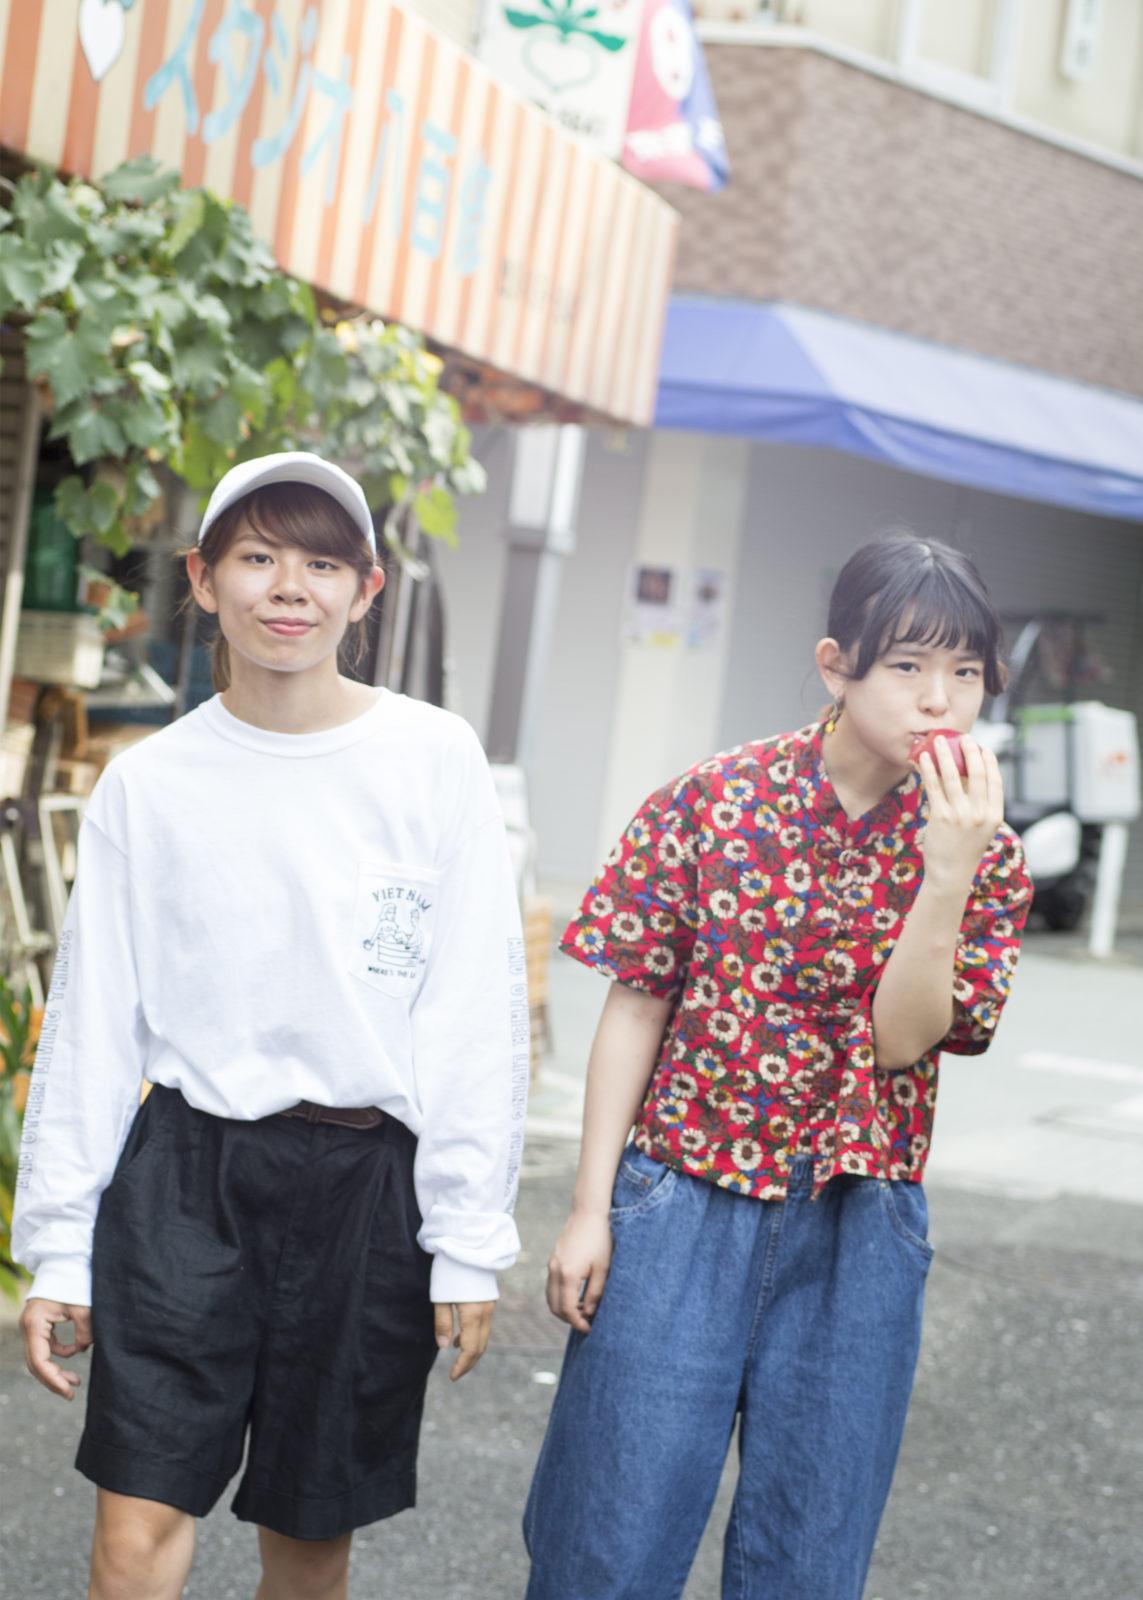 リーガルリリー 代表曲「ぶらんこ」を再レコーディング 内藤瑛亮監督とのコラボMVも公開サムネイル画像!